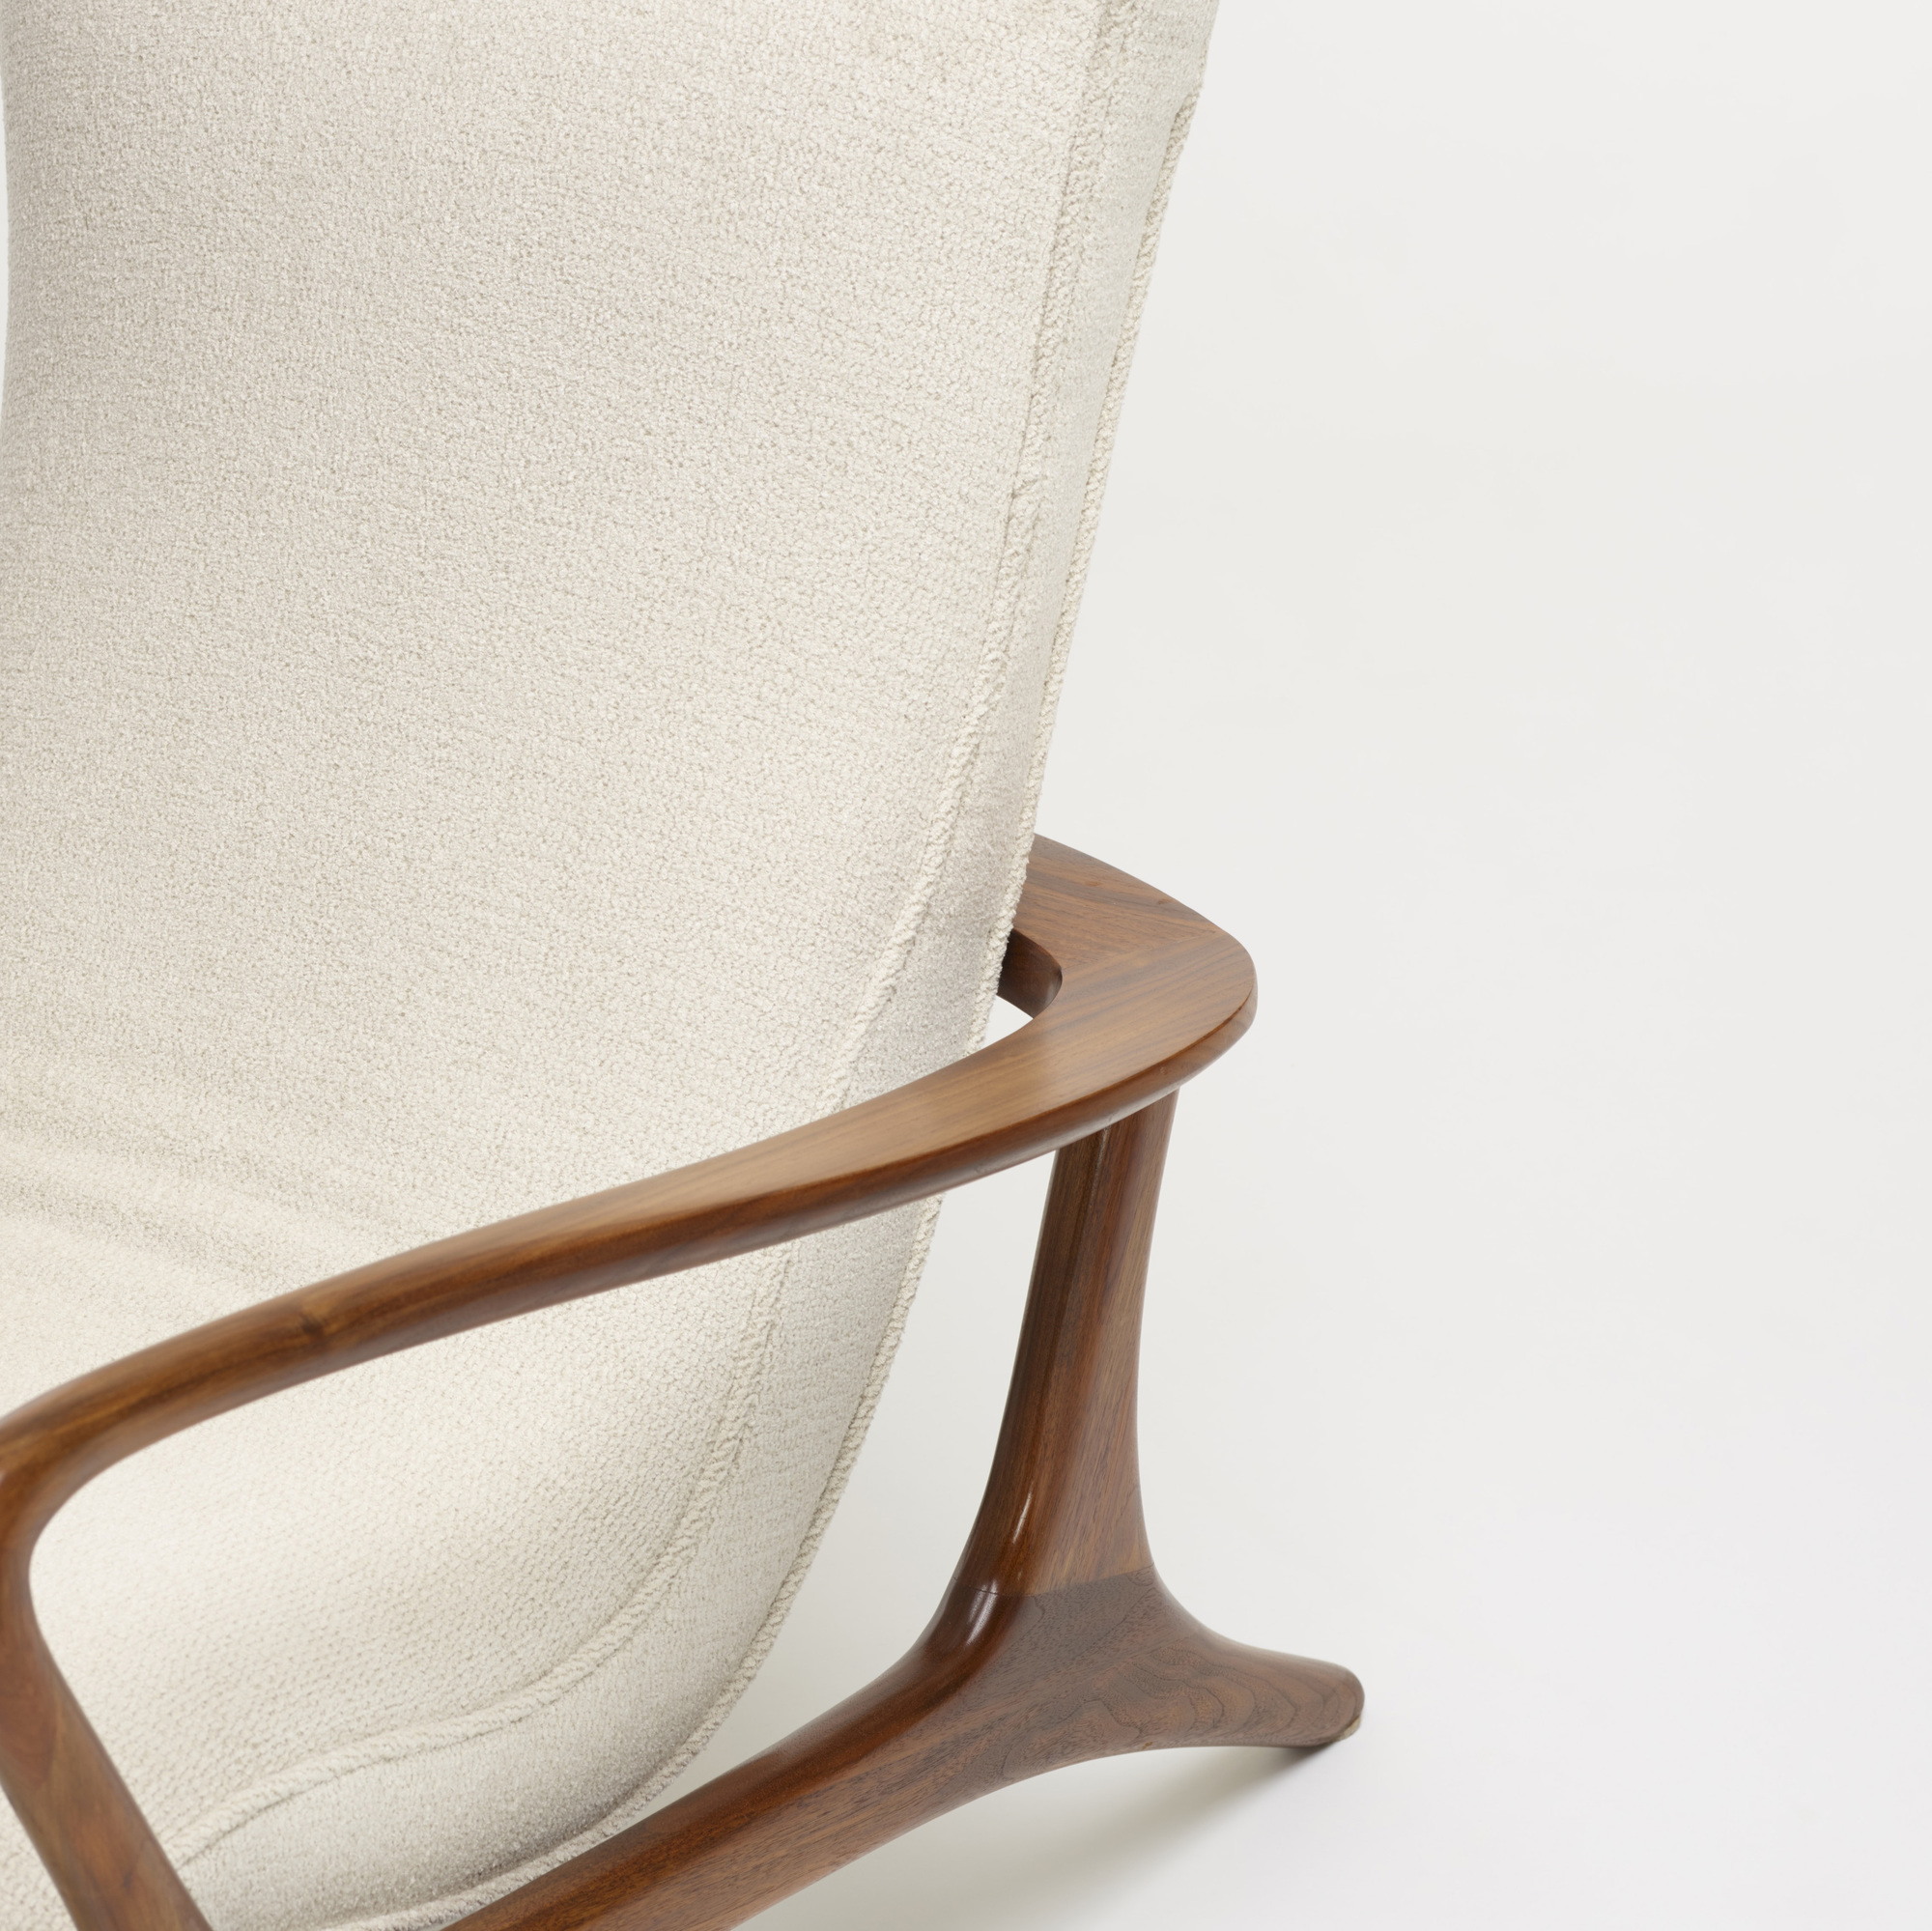 410: Vladimir Kagan / Contour lounge chairs, pair (3 of 4)